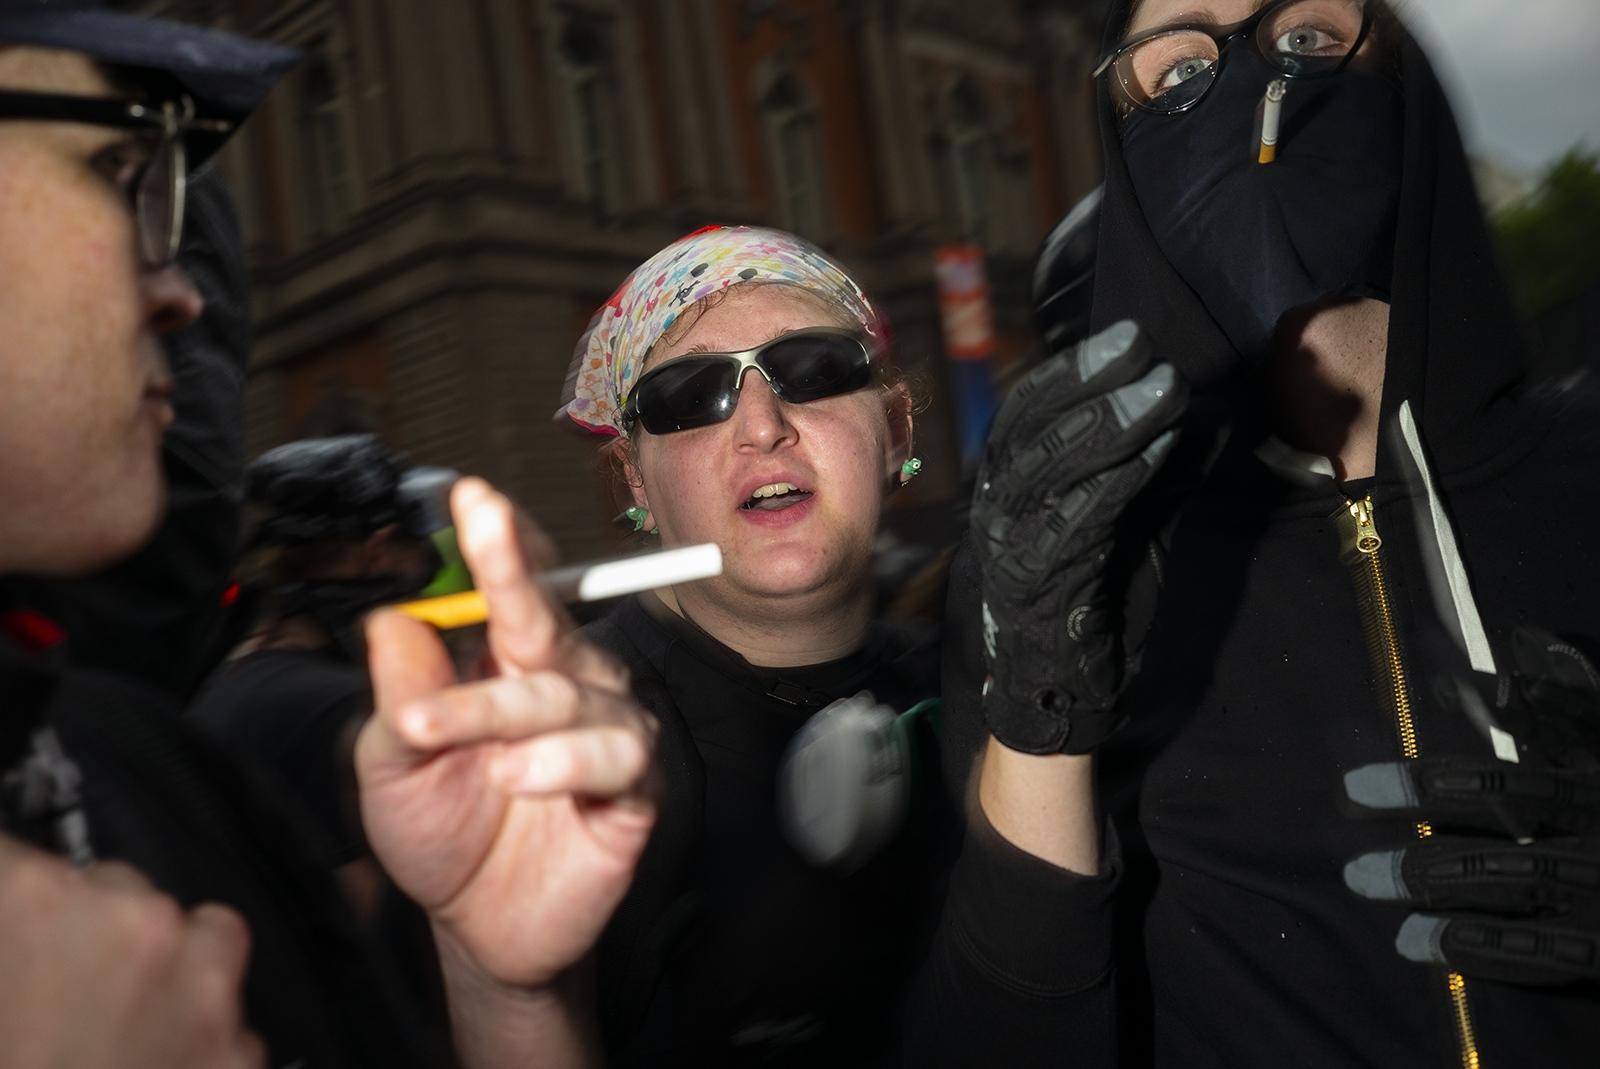 Members of Antifa.